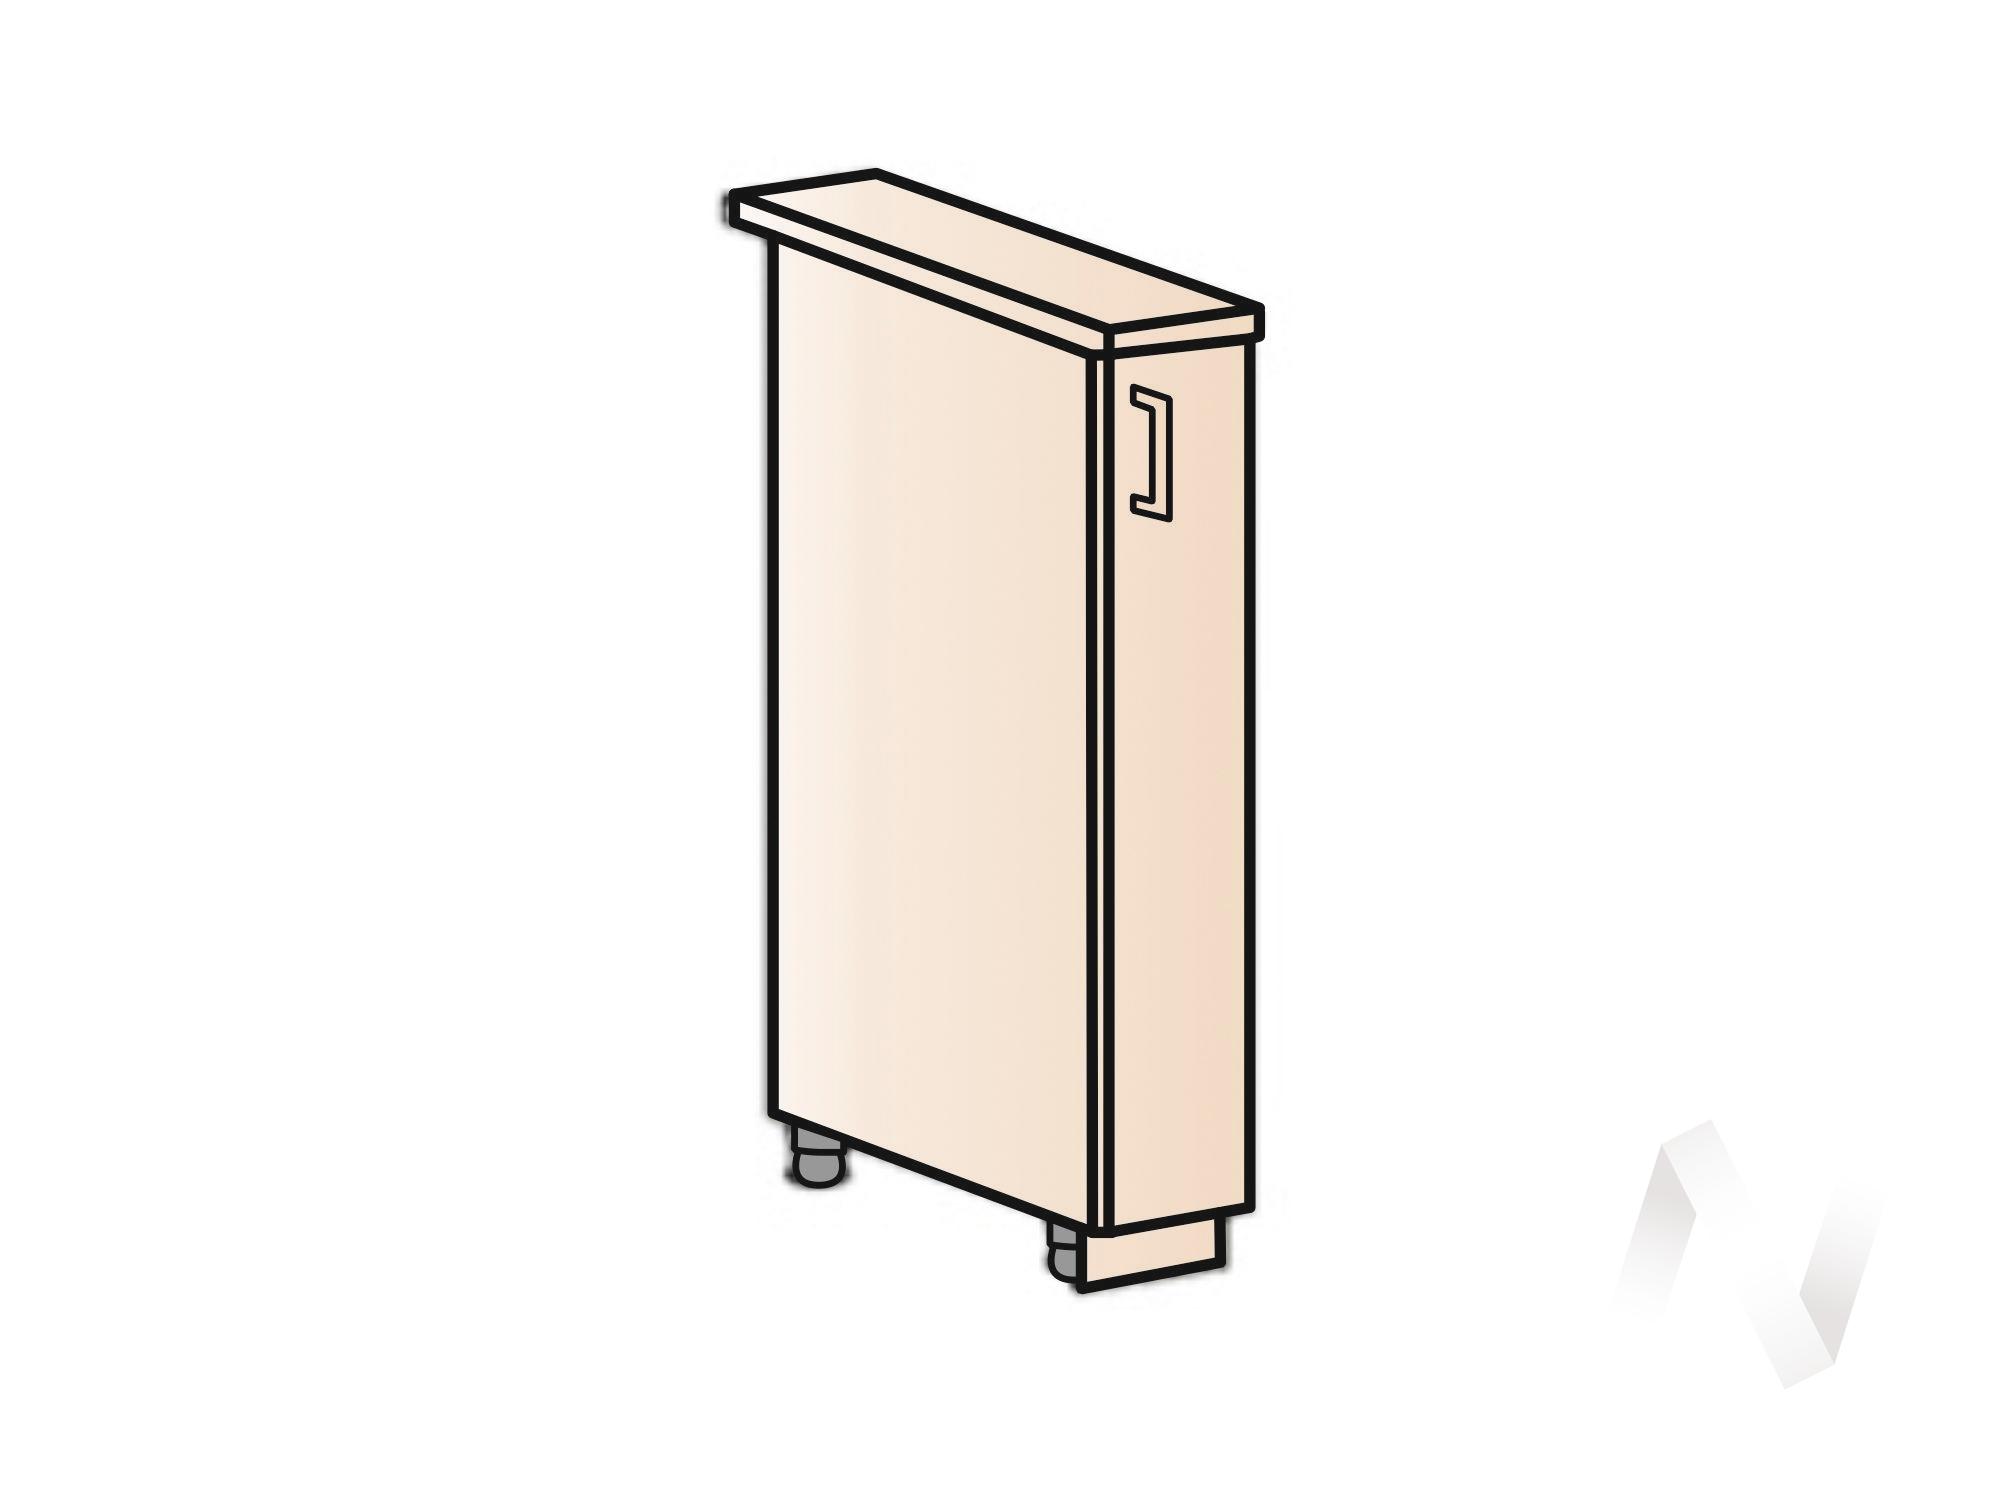 """Купить кухня """"вена"""": шкаф нижний бутылочница 150, шнб 150 (корпус белый) в Новосибирске в интернет-магазине Мебель плюс Техника"""